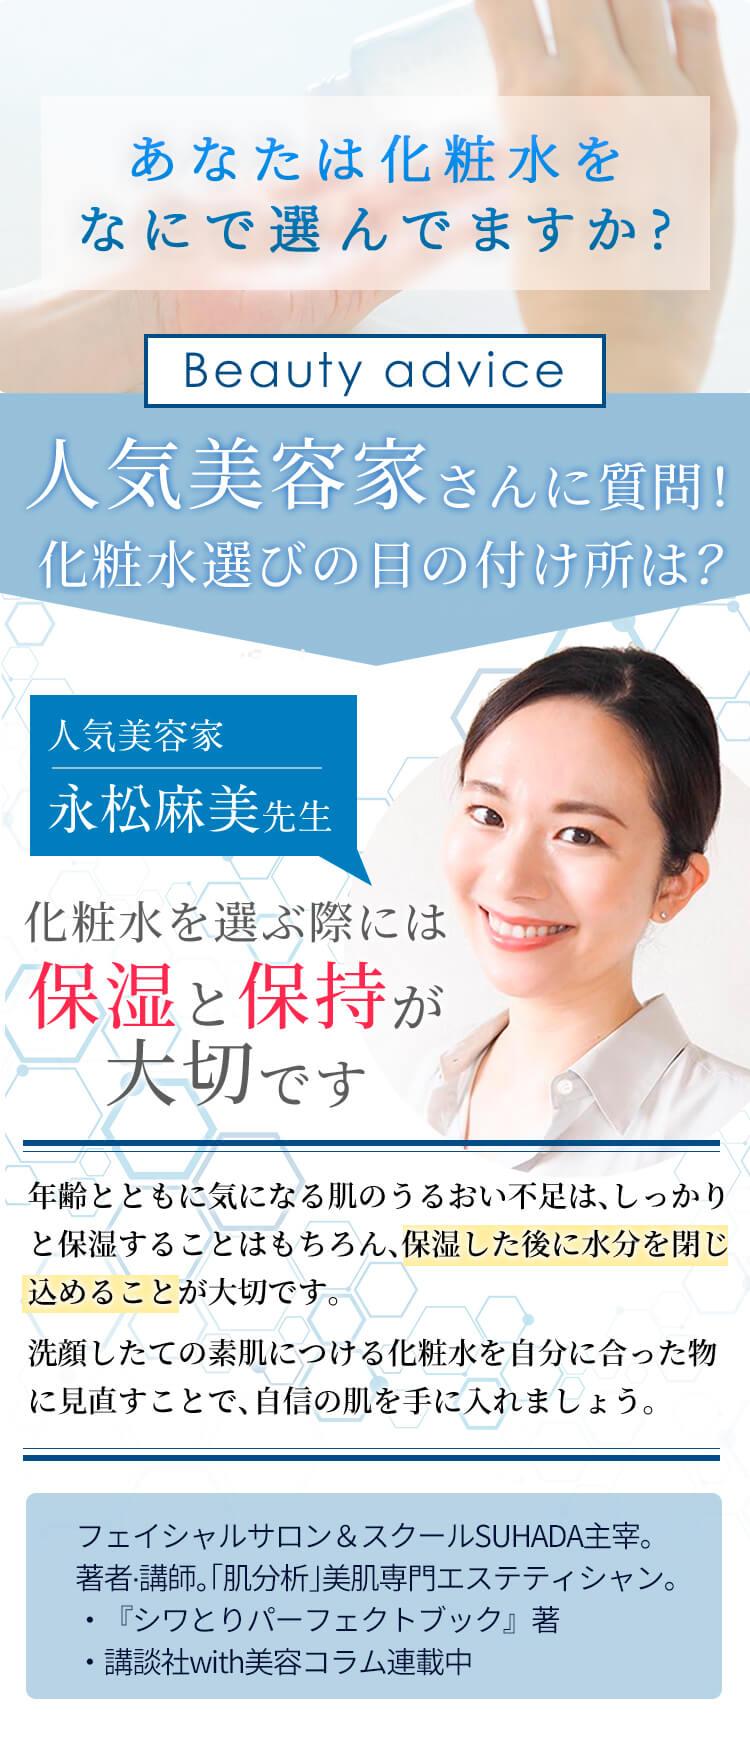 永松麻美先生からの推薦